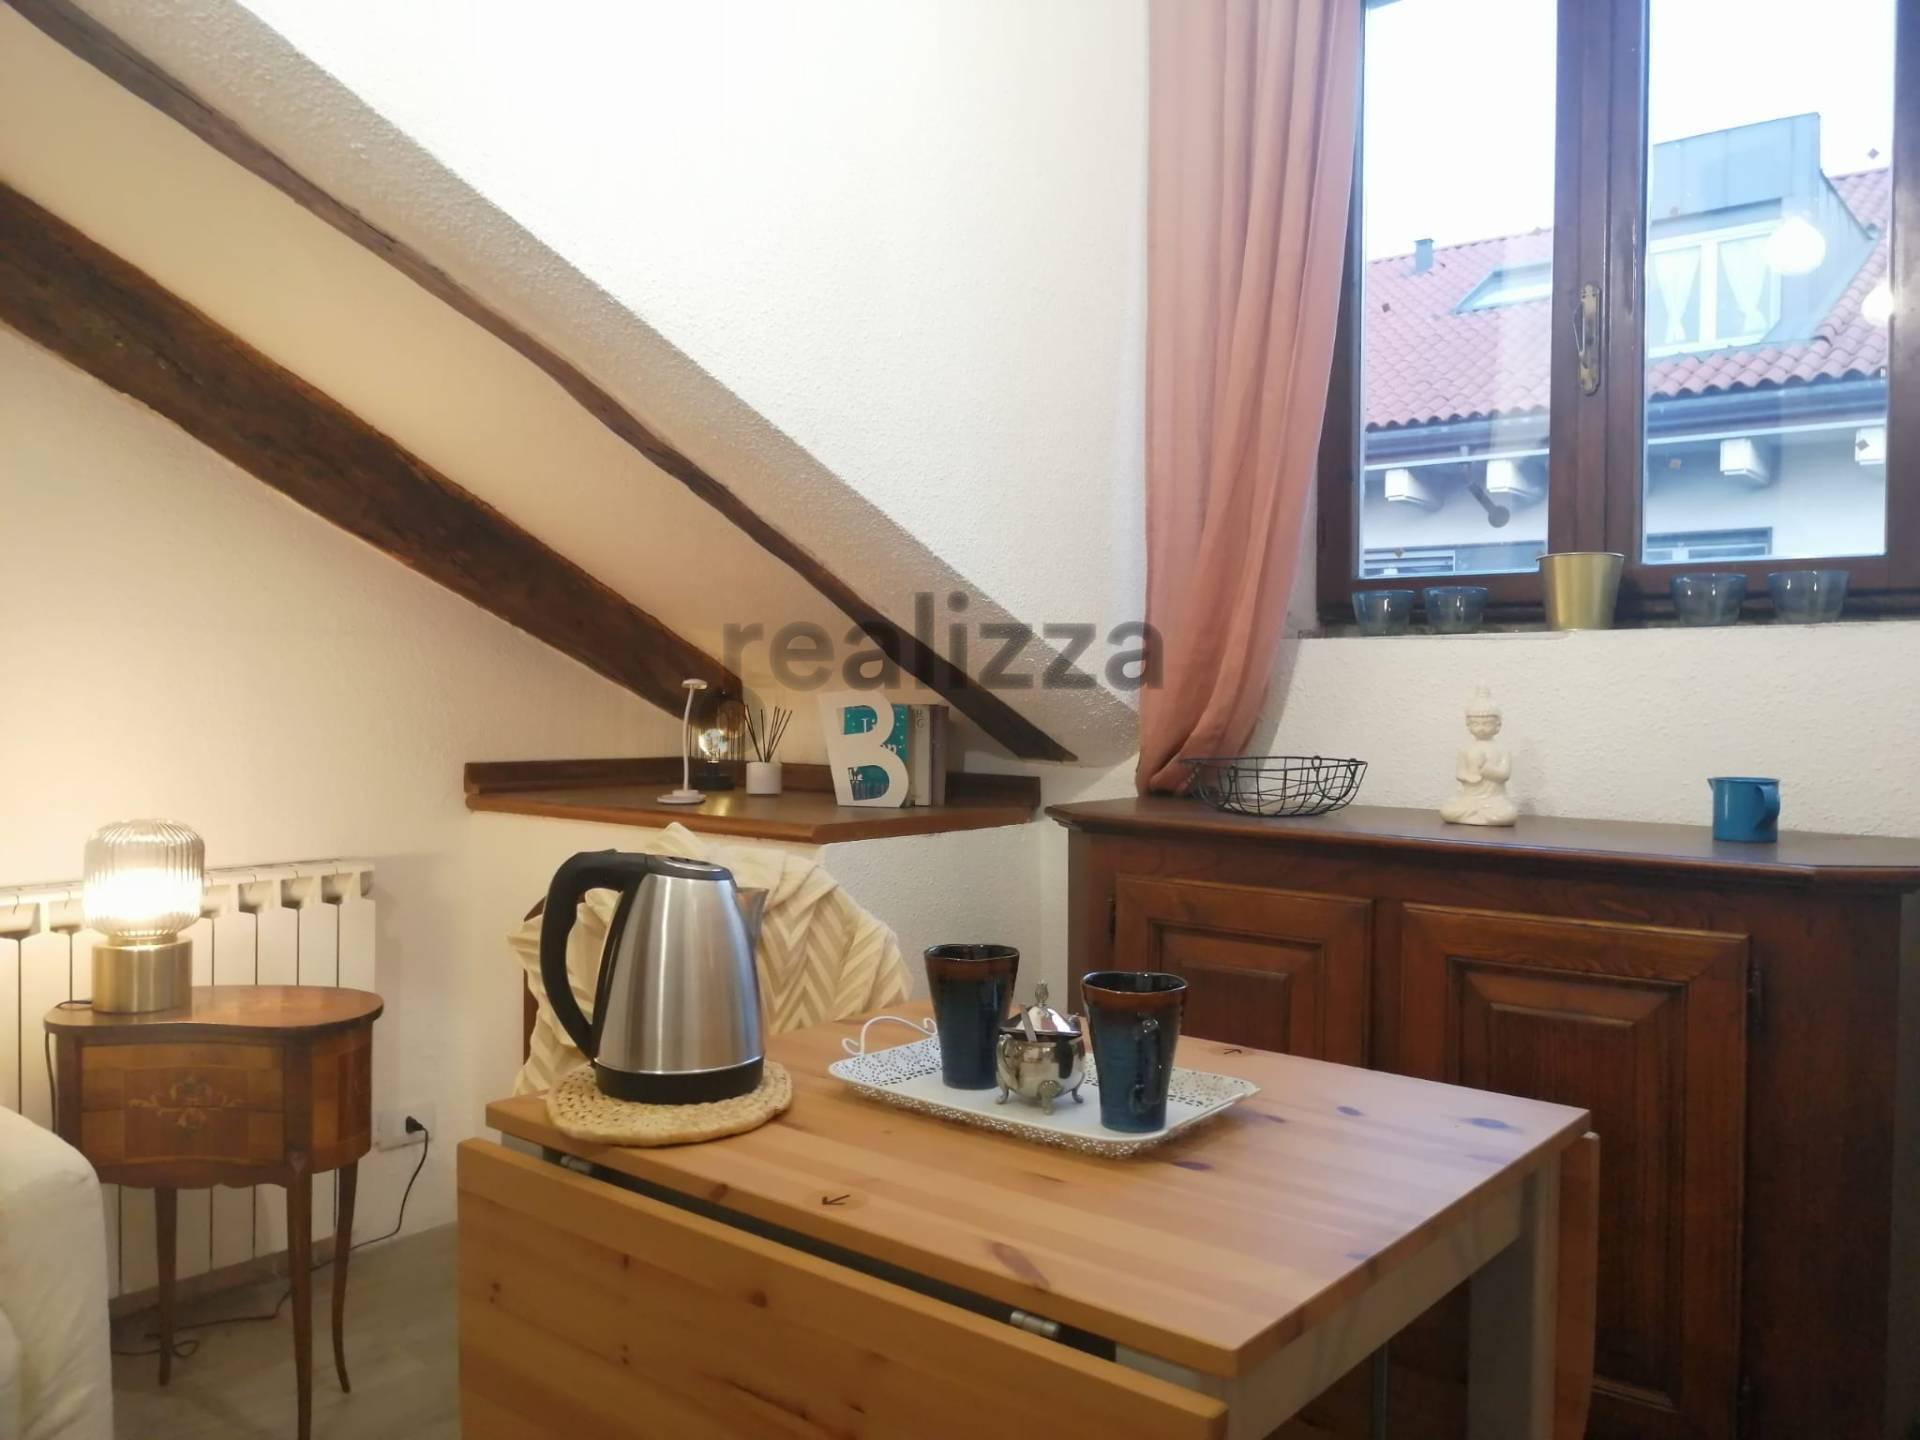 Attico in affitto a Vanchiglia, Torino (TO)